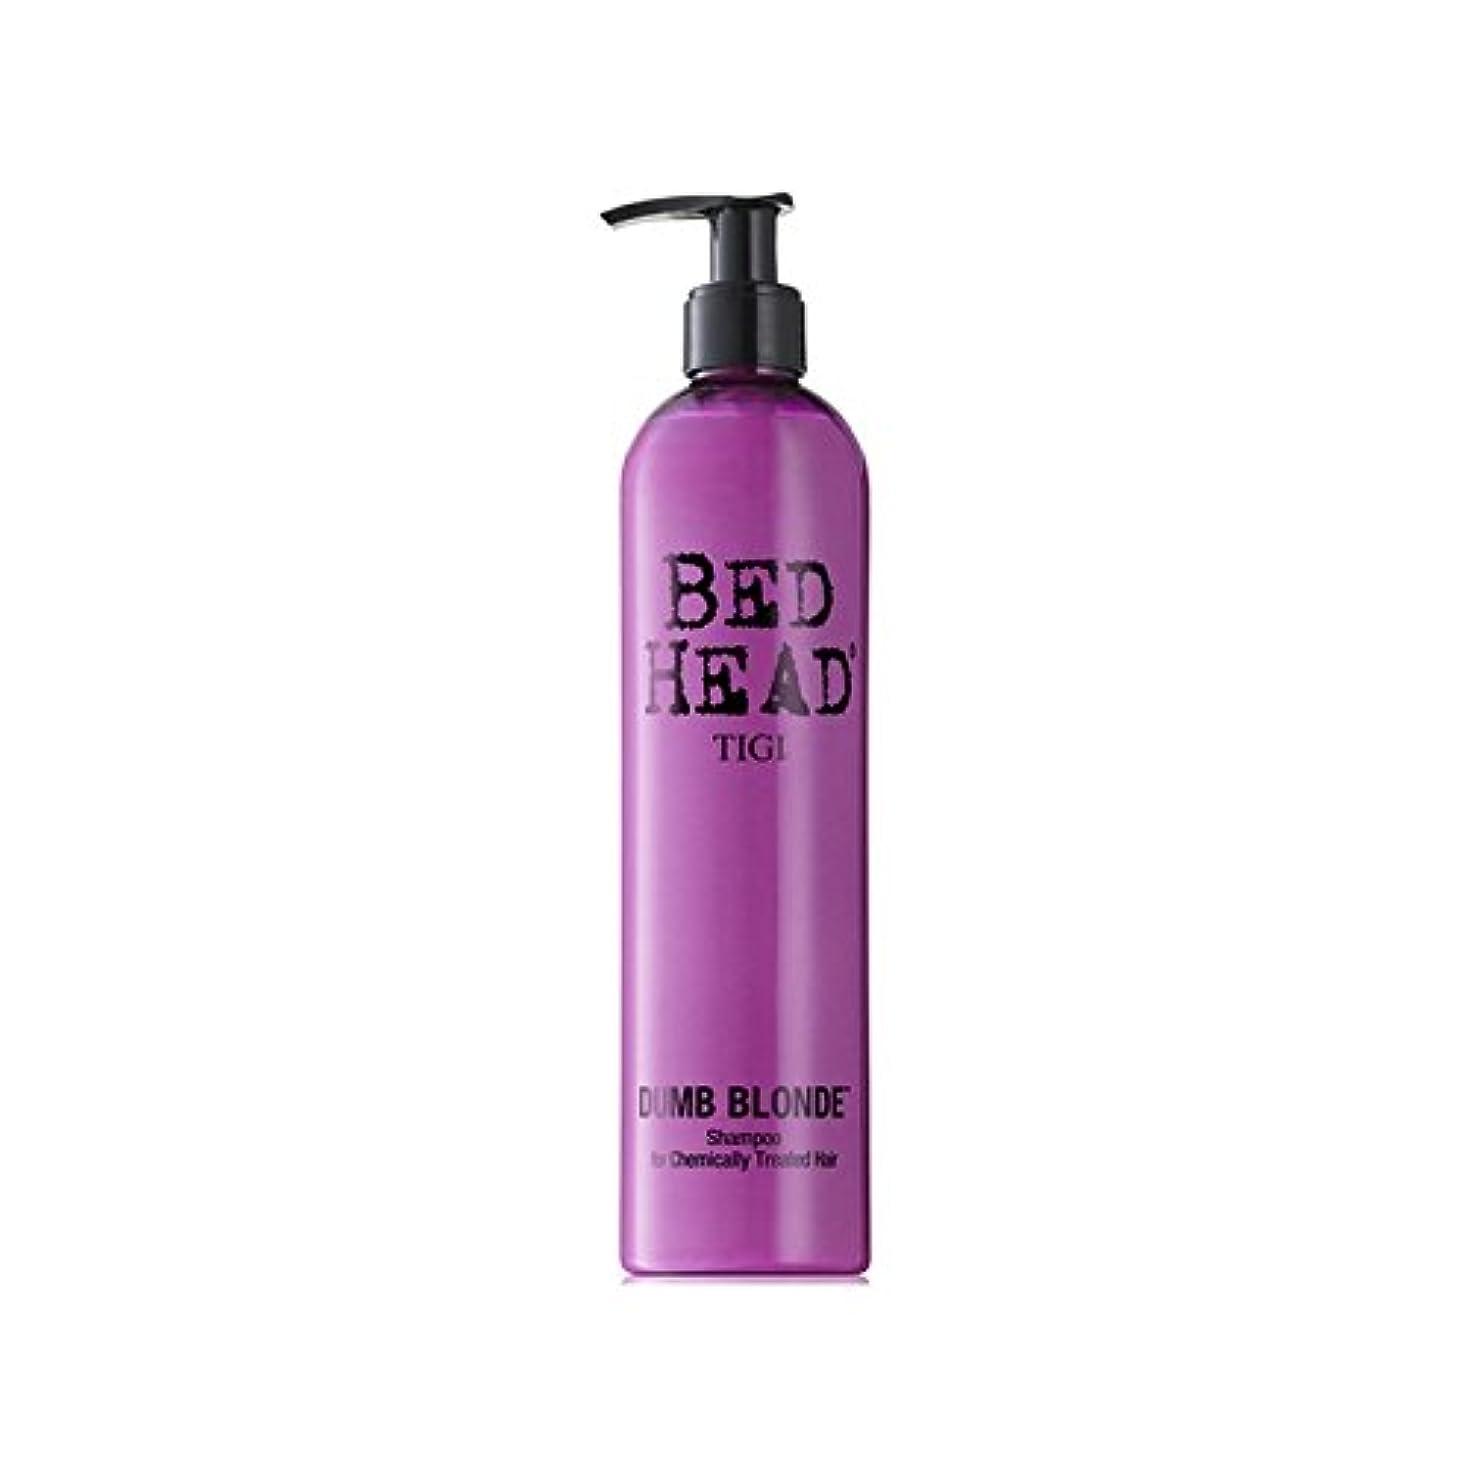 大宇宙冷蔵庫道を作るティジーベッドヘッドダムブロンドシャンプー400ミリリットル x4 - Tigi Bed Head Dumb Blonde Shampoo 400ml (Pack of 4) [並行輸入品]